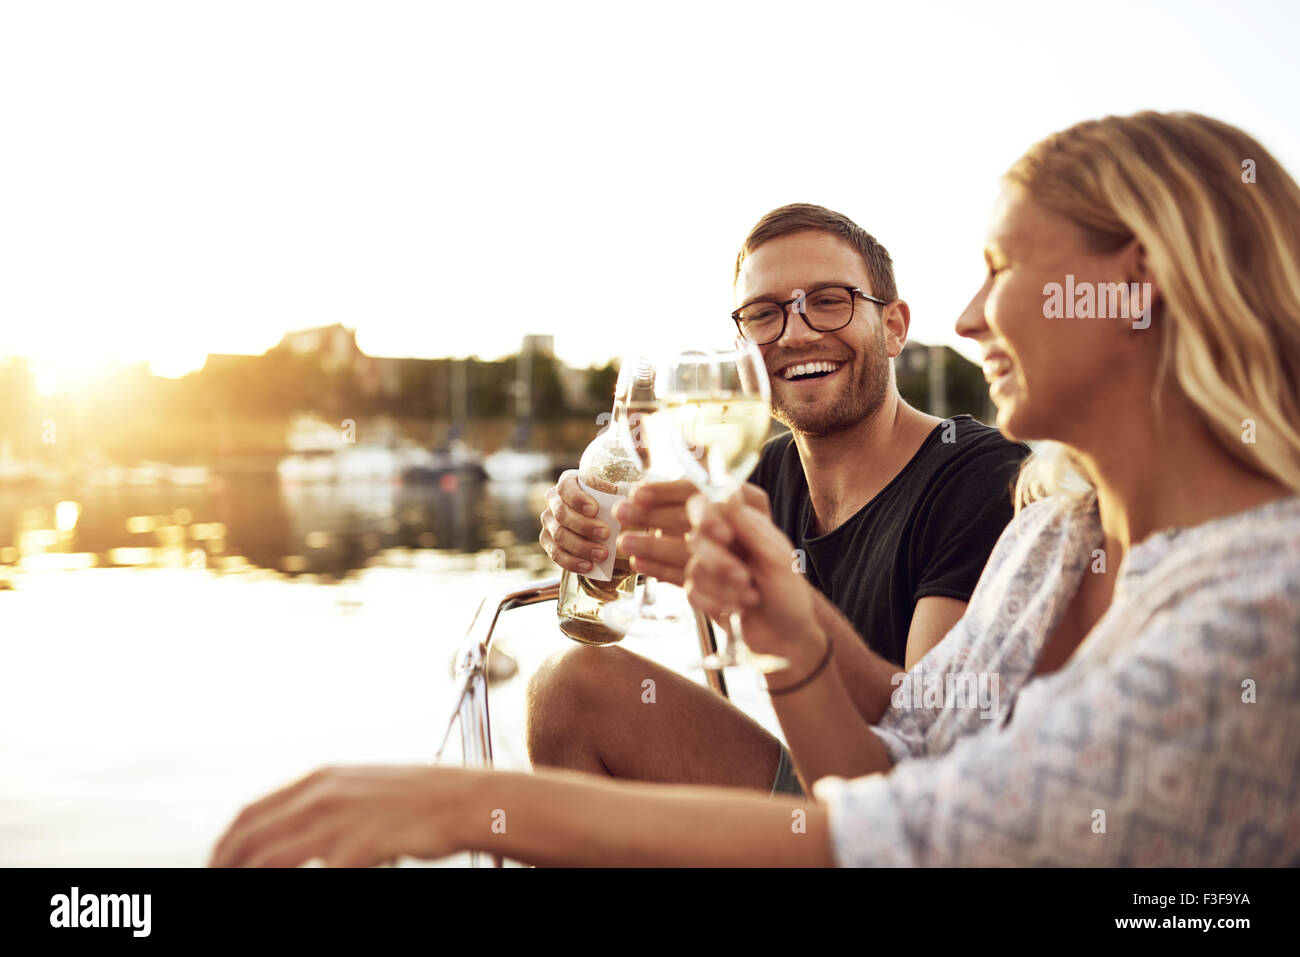 Coppia felice la tostatura bicchieri in una serata estiva Immagini Stock